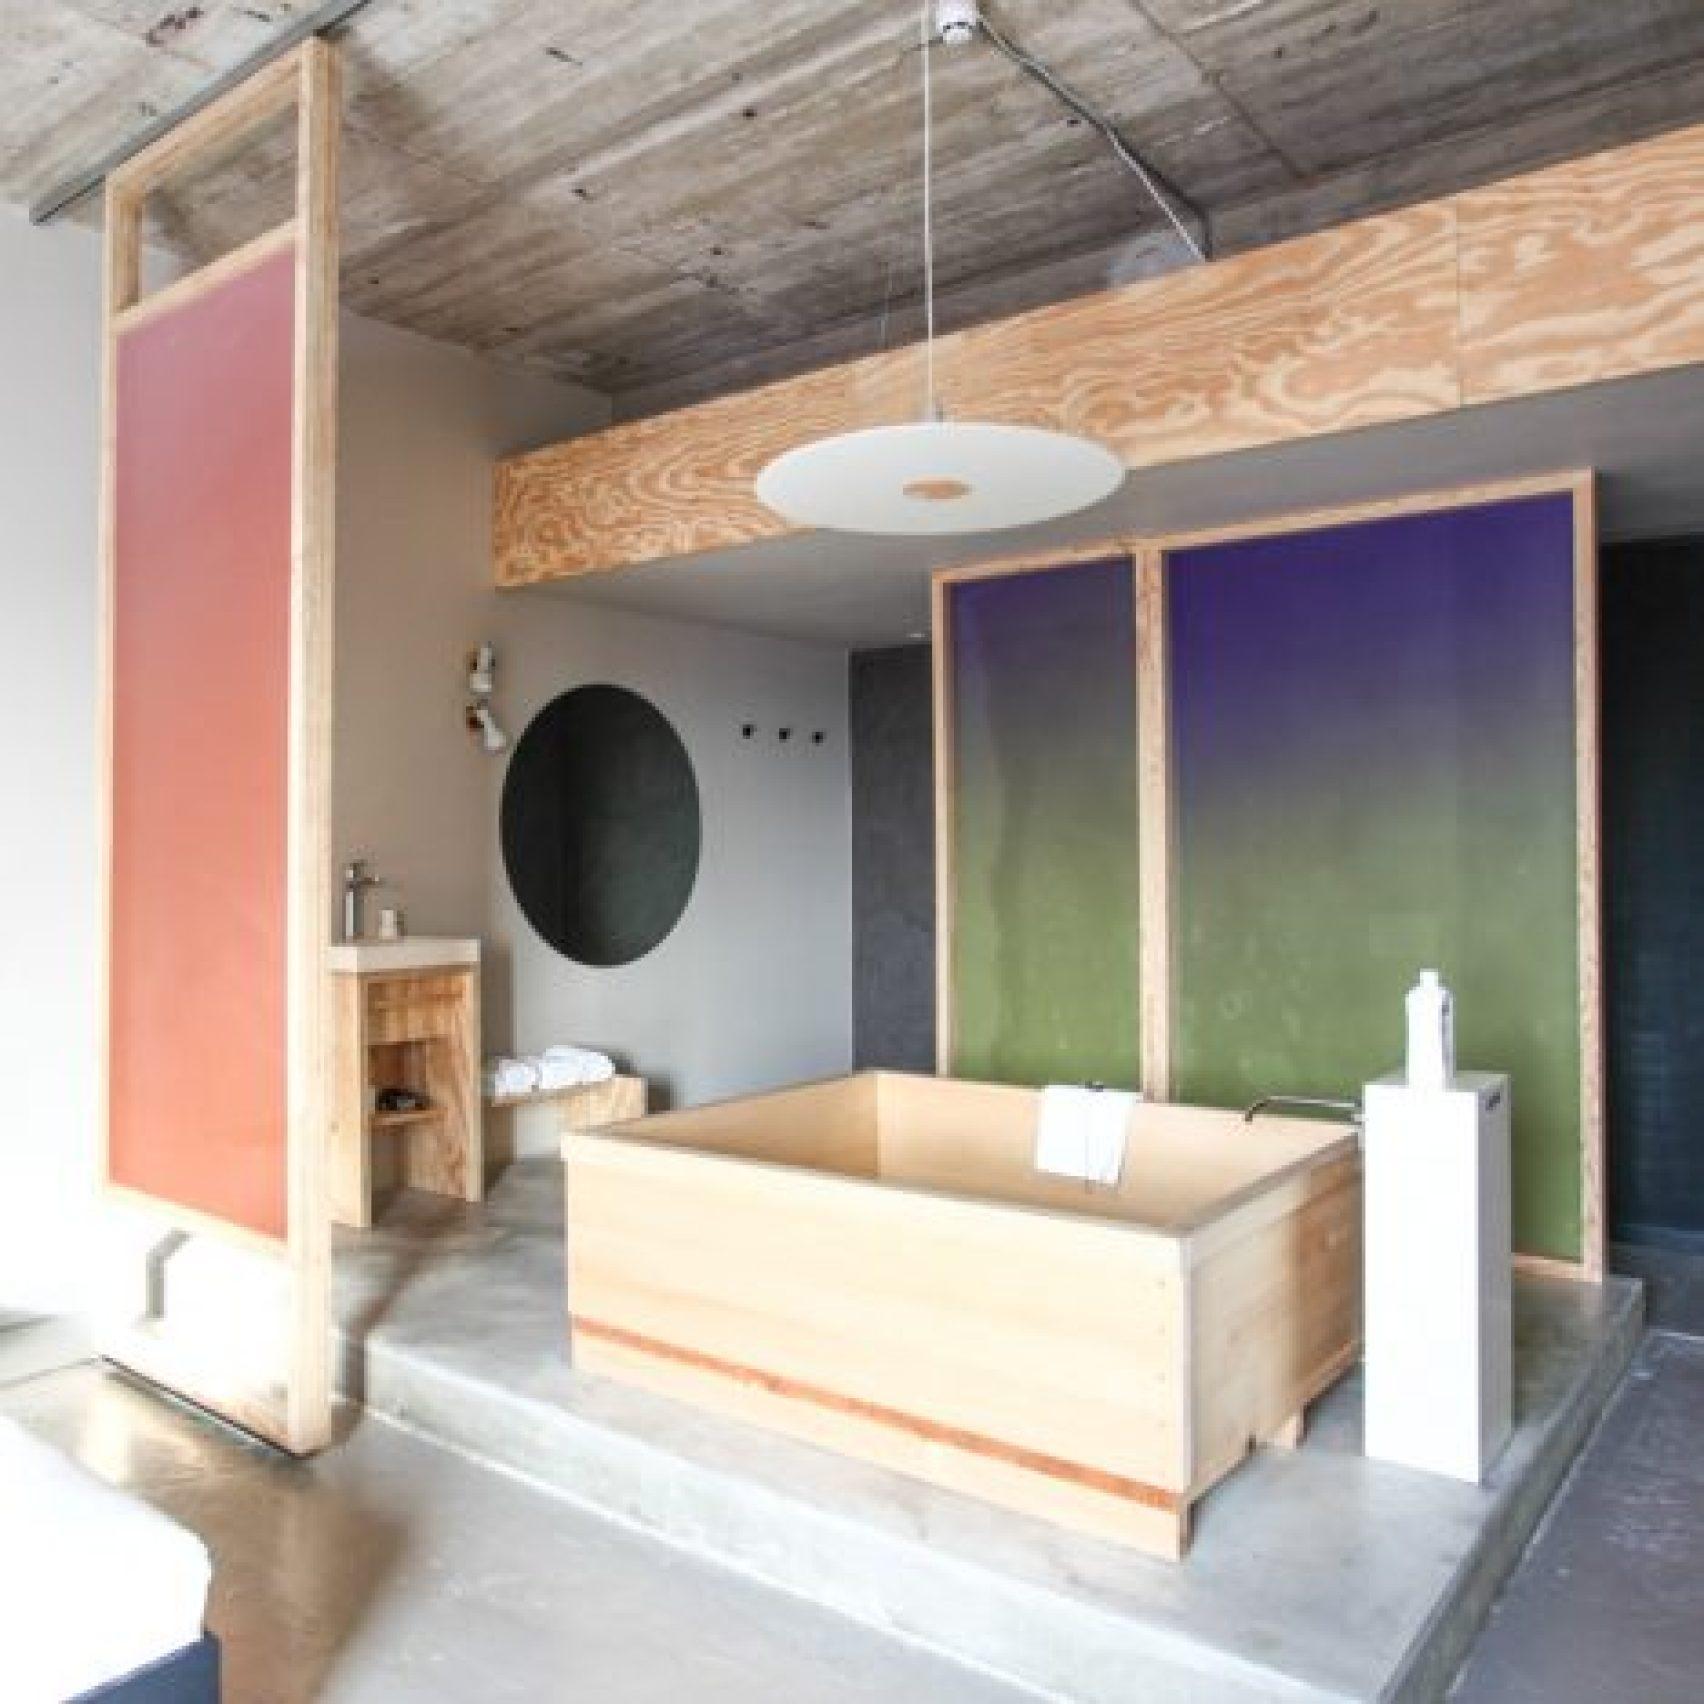 hotel-room-interiors-dezeen-pinterest-boards_dezeen_1704_col_11